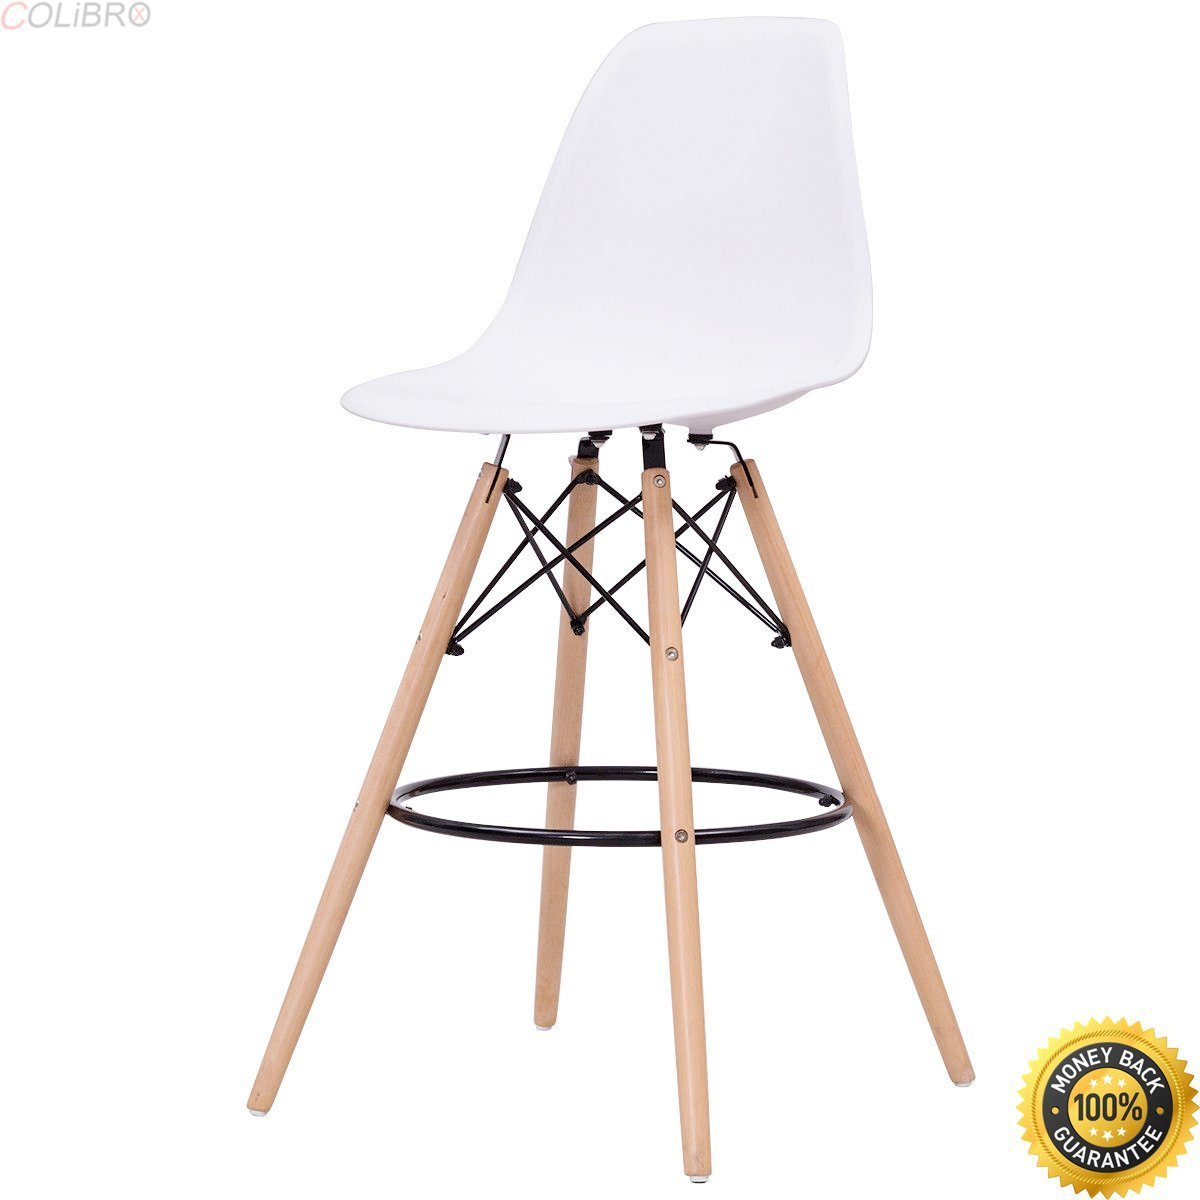 Cheap Cheap Plastic Lawn Chairs, find Cheap Plastic Lawn Chairs